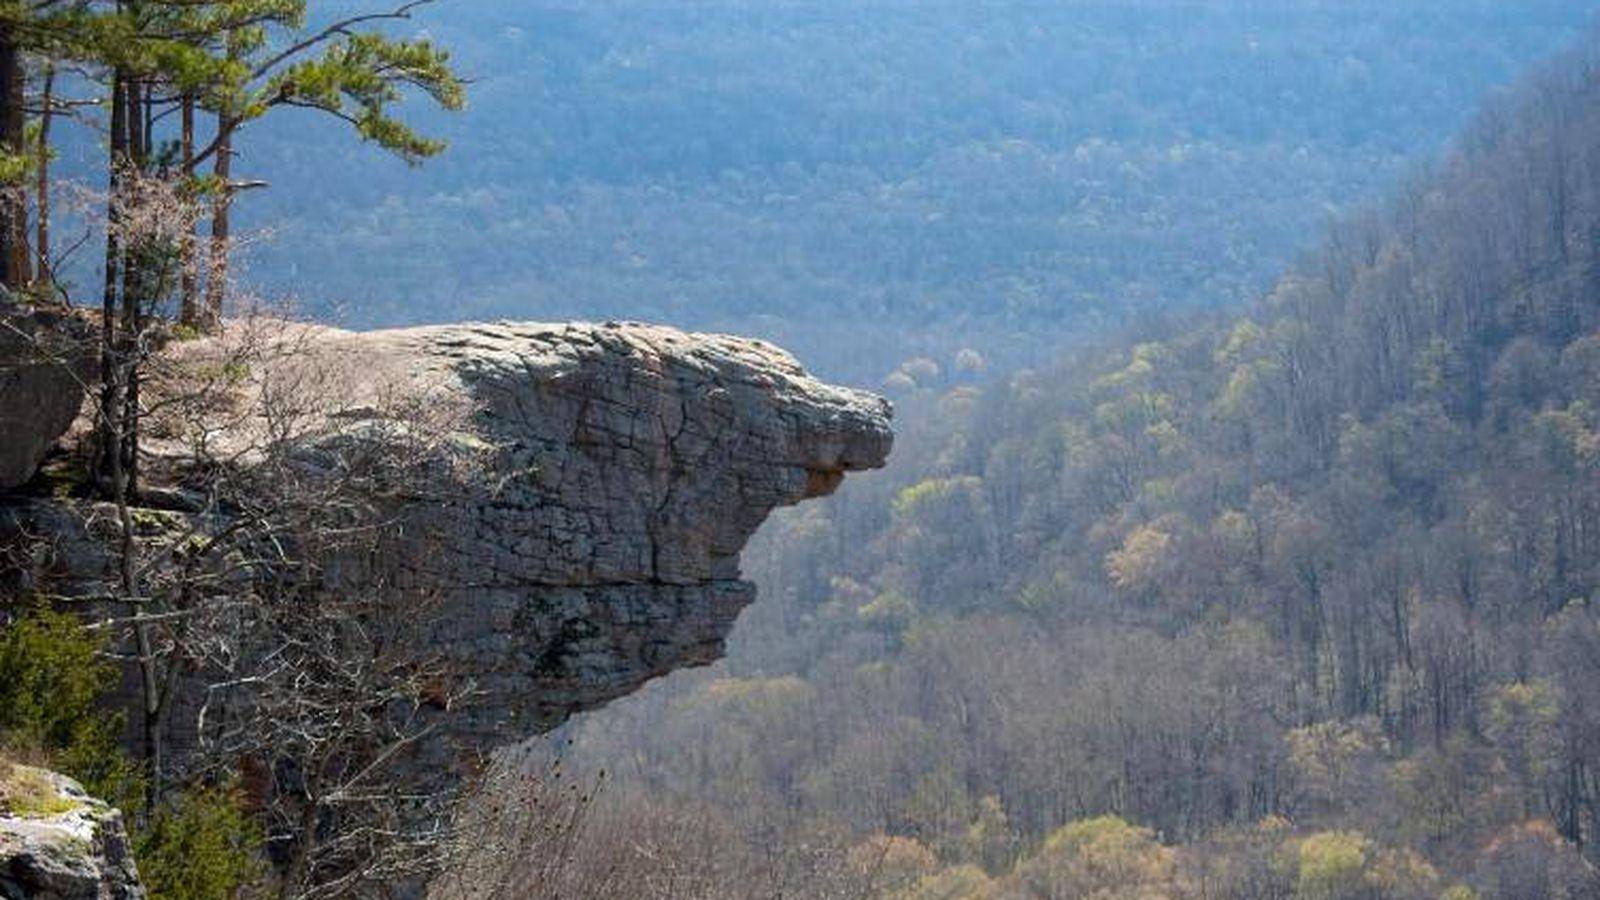 Foto: Hawksbill Crag, el peligroso lugar que muchas personas eligen para hacerse una fotografía (Foto: Twitter)